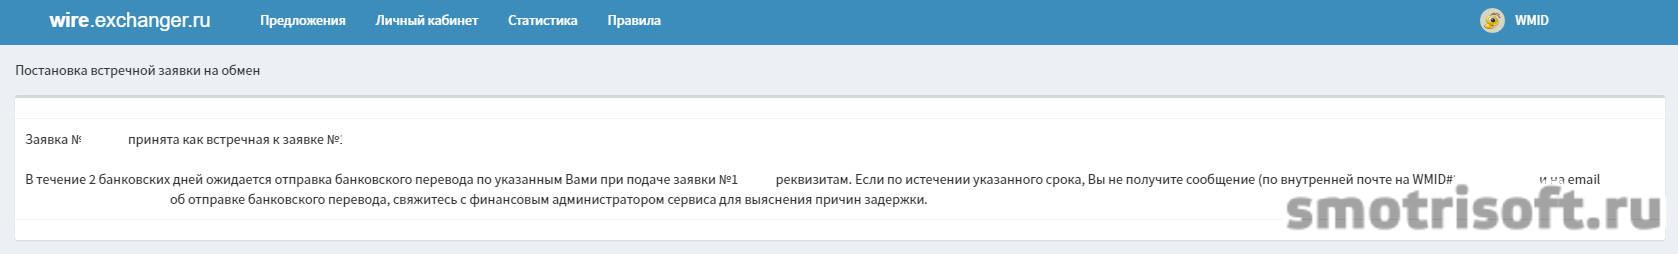 kak-vyvesti-dengi-s-webmoney-bankovskiy-per